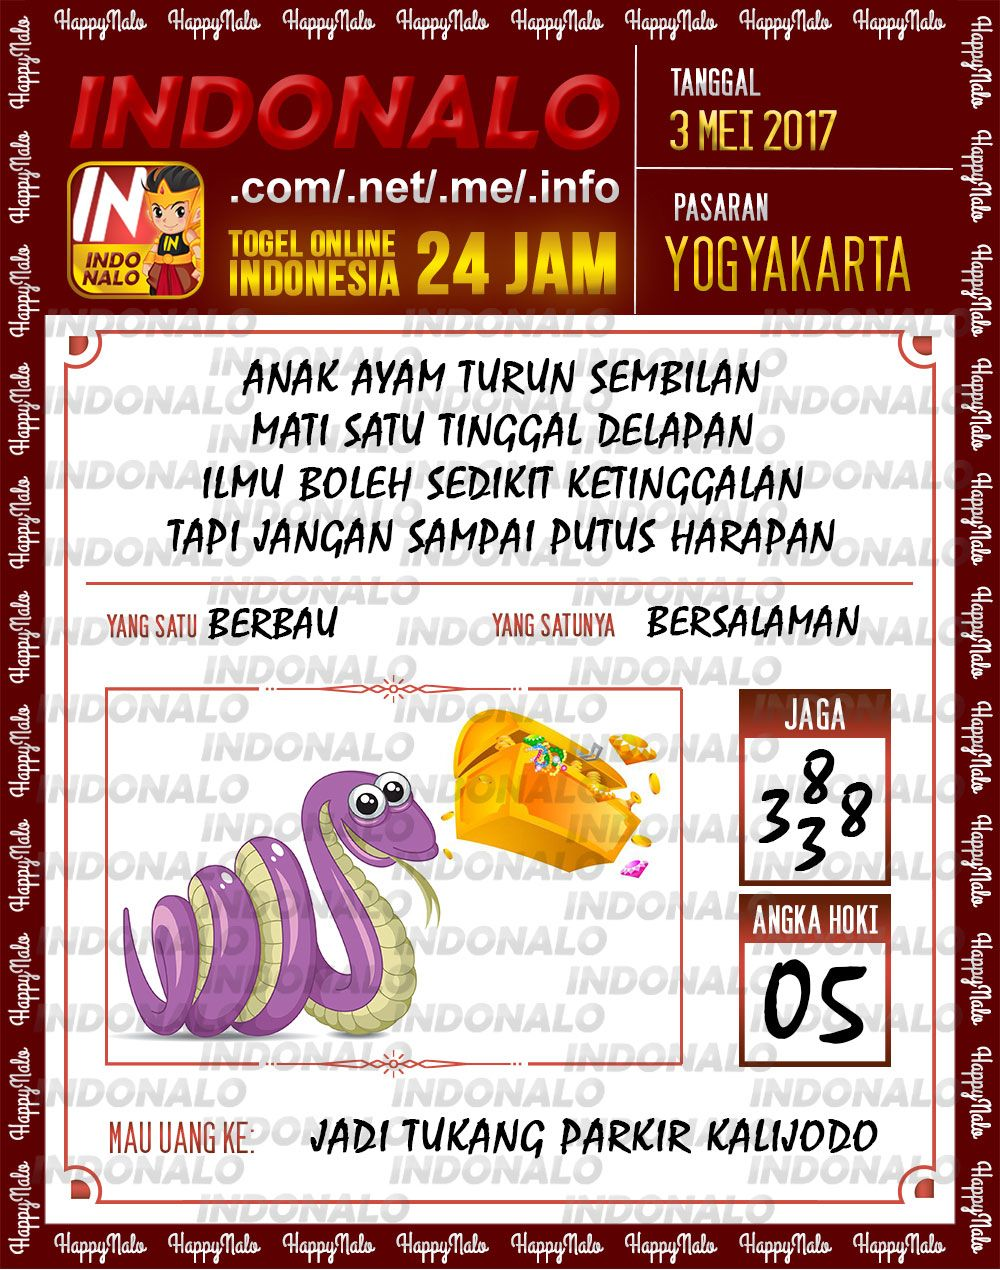 Kode Kuat 3D Togel Wap Online Indonalo Yogyakarta 3 Mei 2017